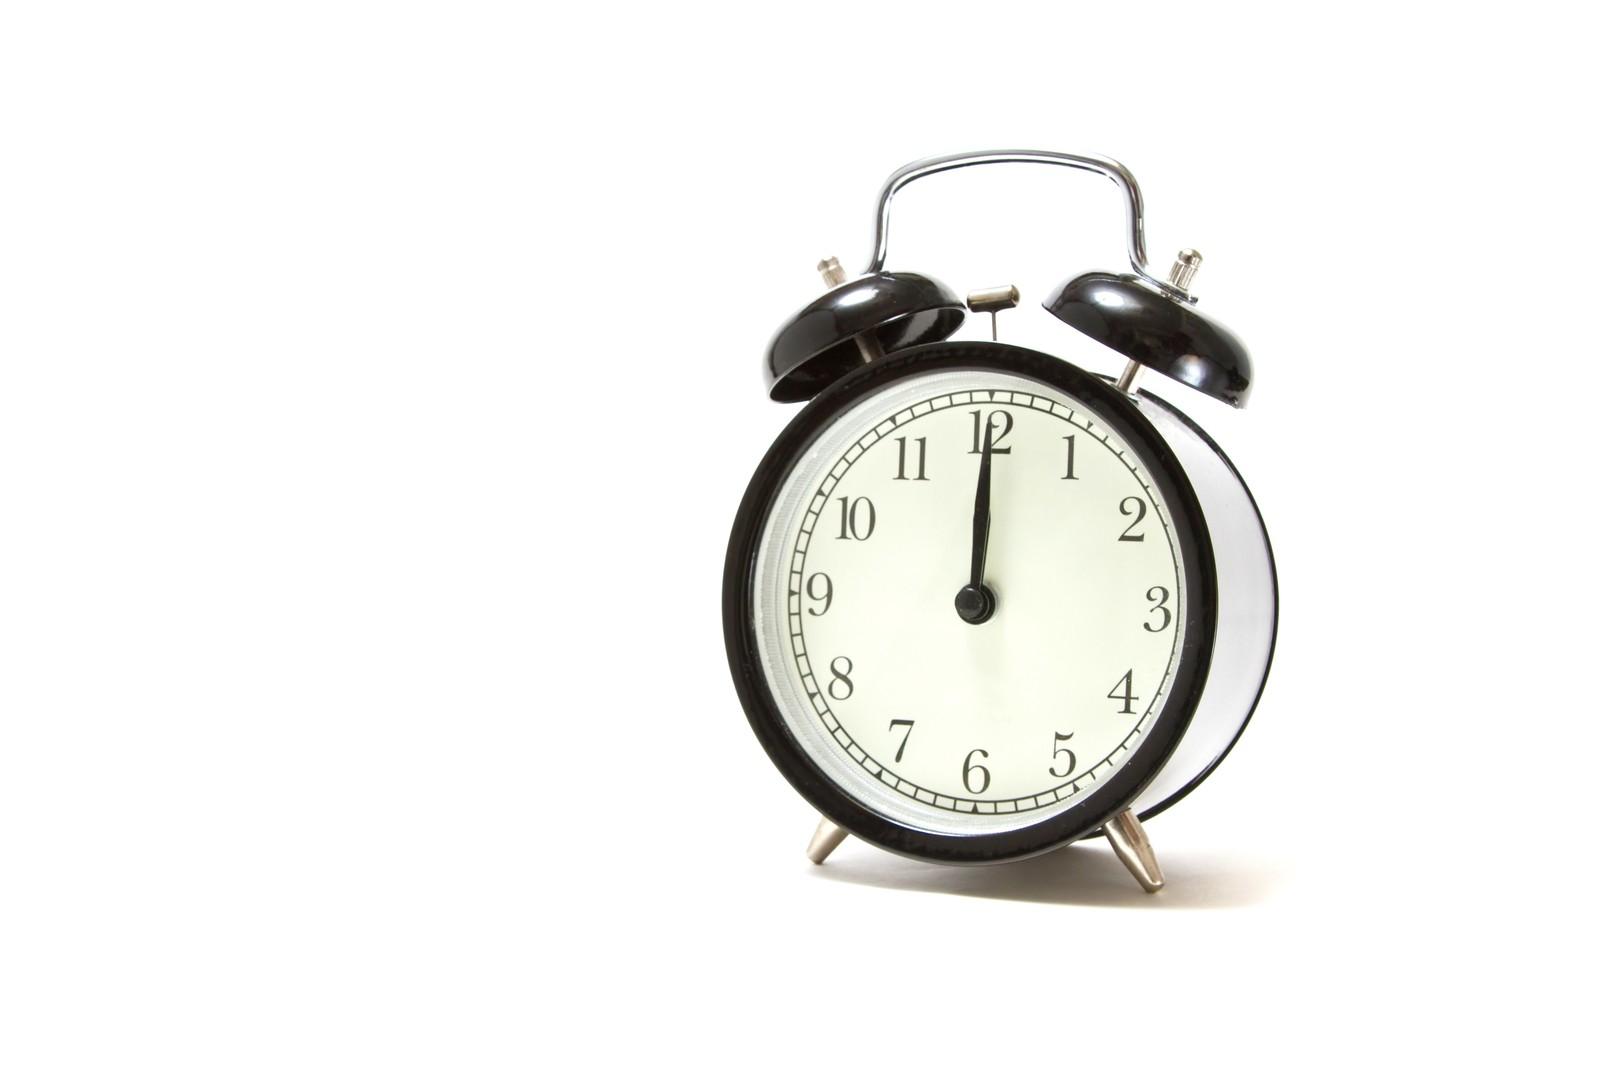 目覚まし時計と時間